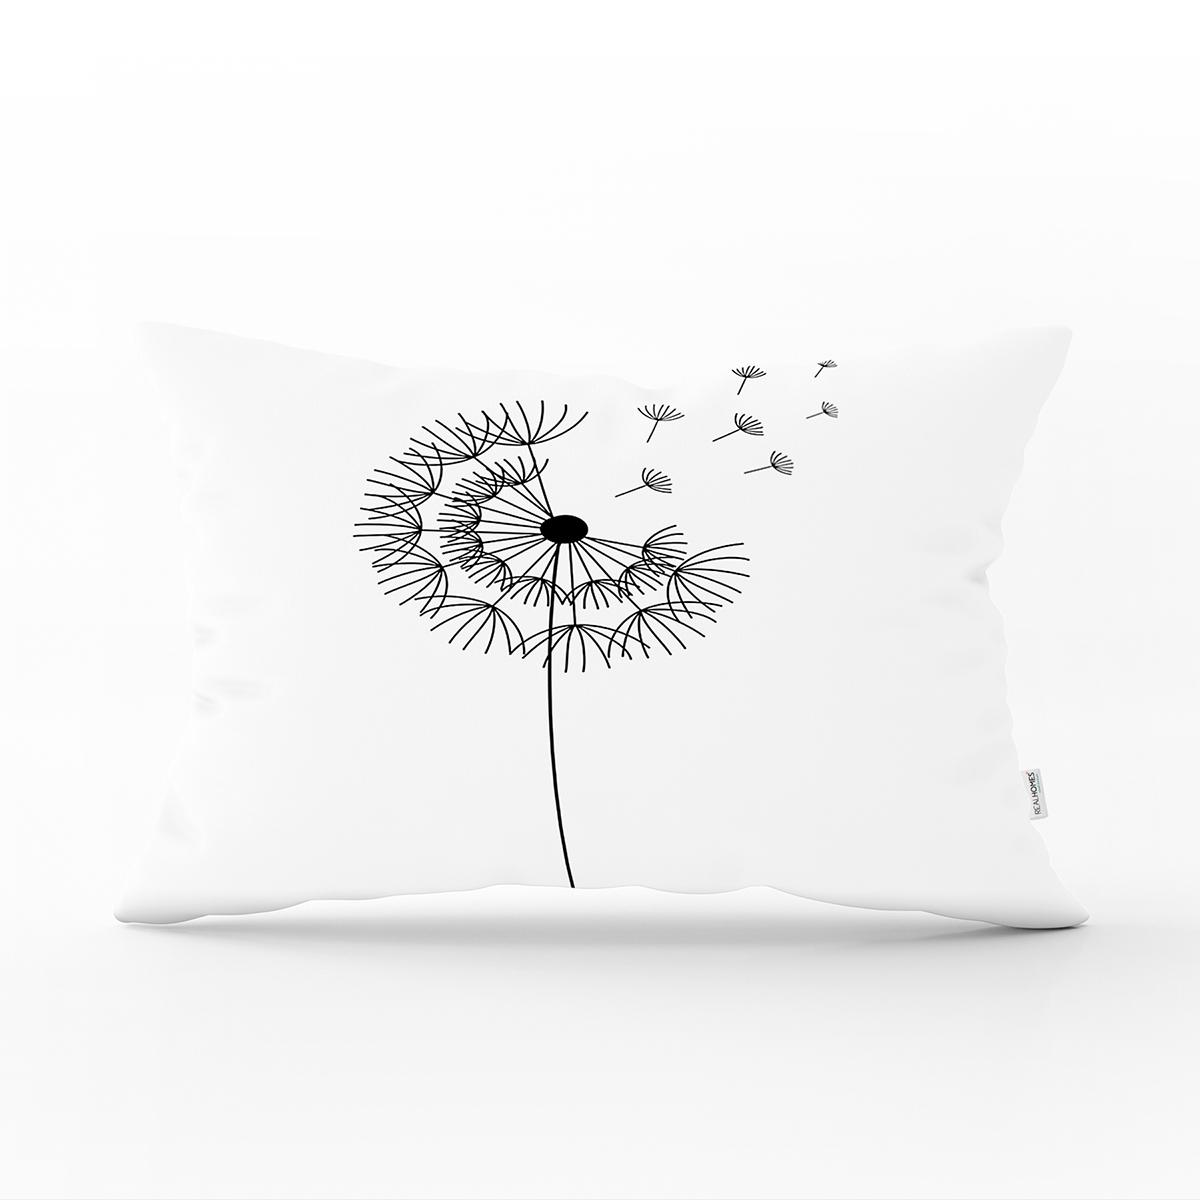 Beyaz Zeminde Onedraw Çizimli Çiçek Dijital Baskılı Modern Dikdörtgen Yastık Kırlent Kılıfı Realhomes